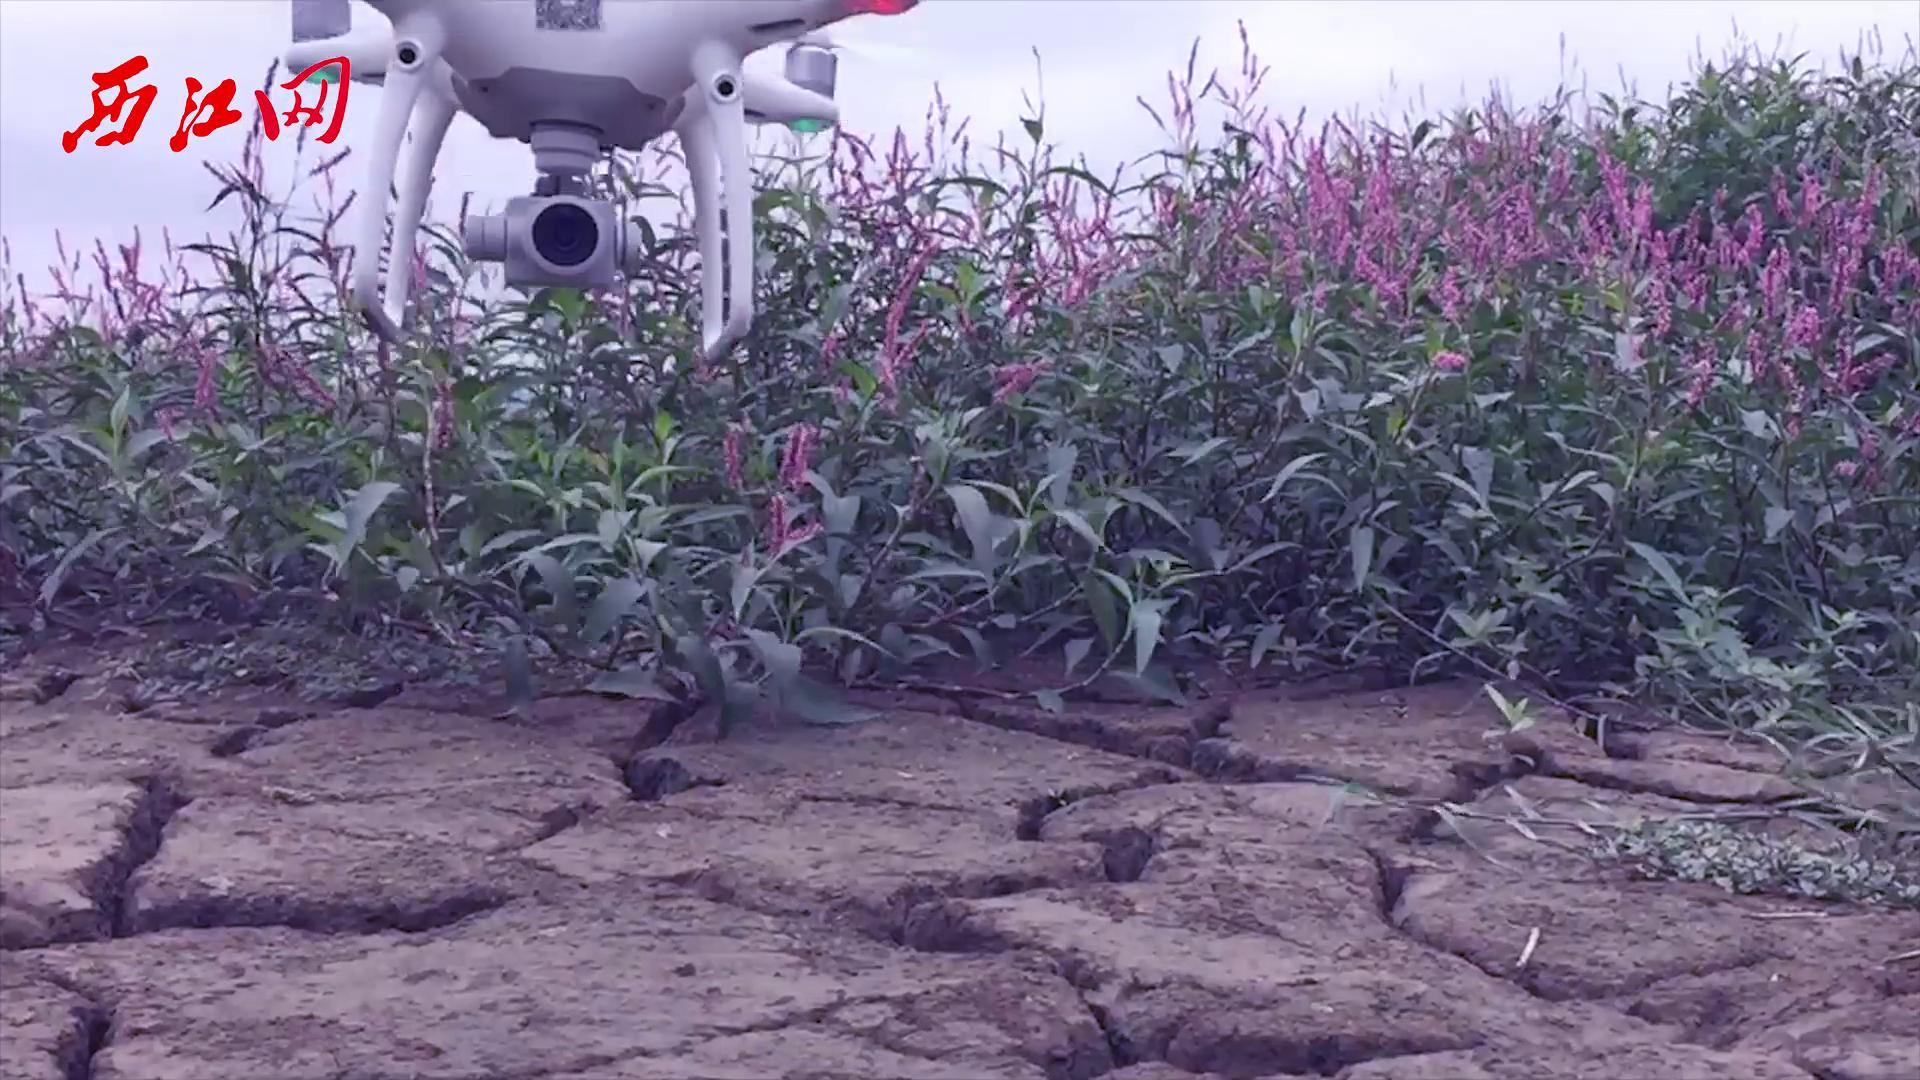 在无人机镜头里,齐乐娱乐DT版老虎机这片罕为人知的花田竟这般美丽!